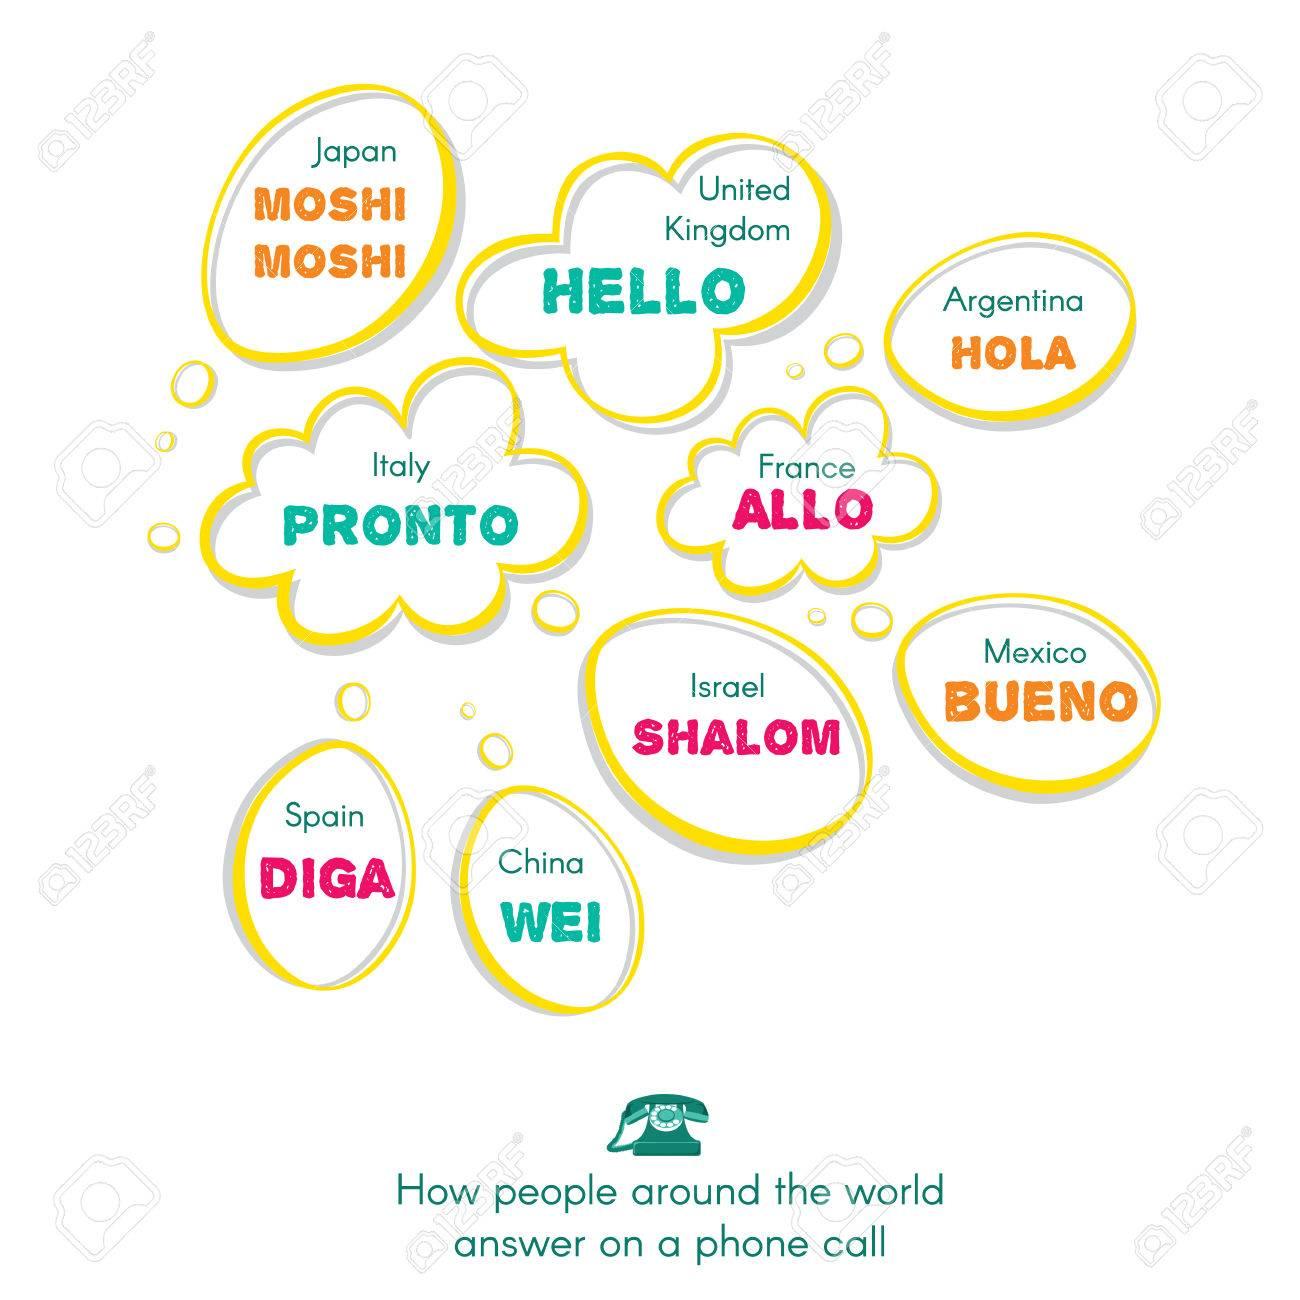 言語 メキシコ